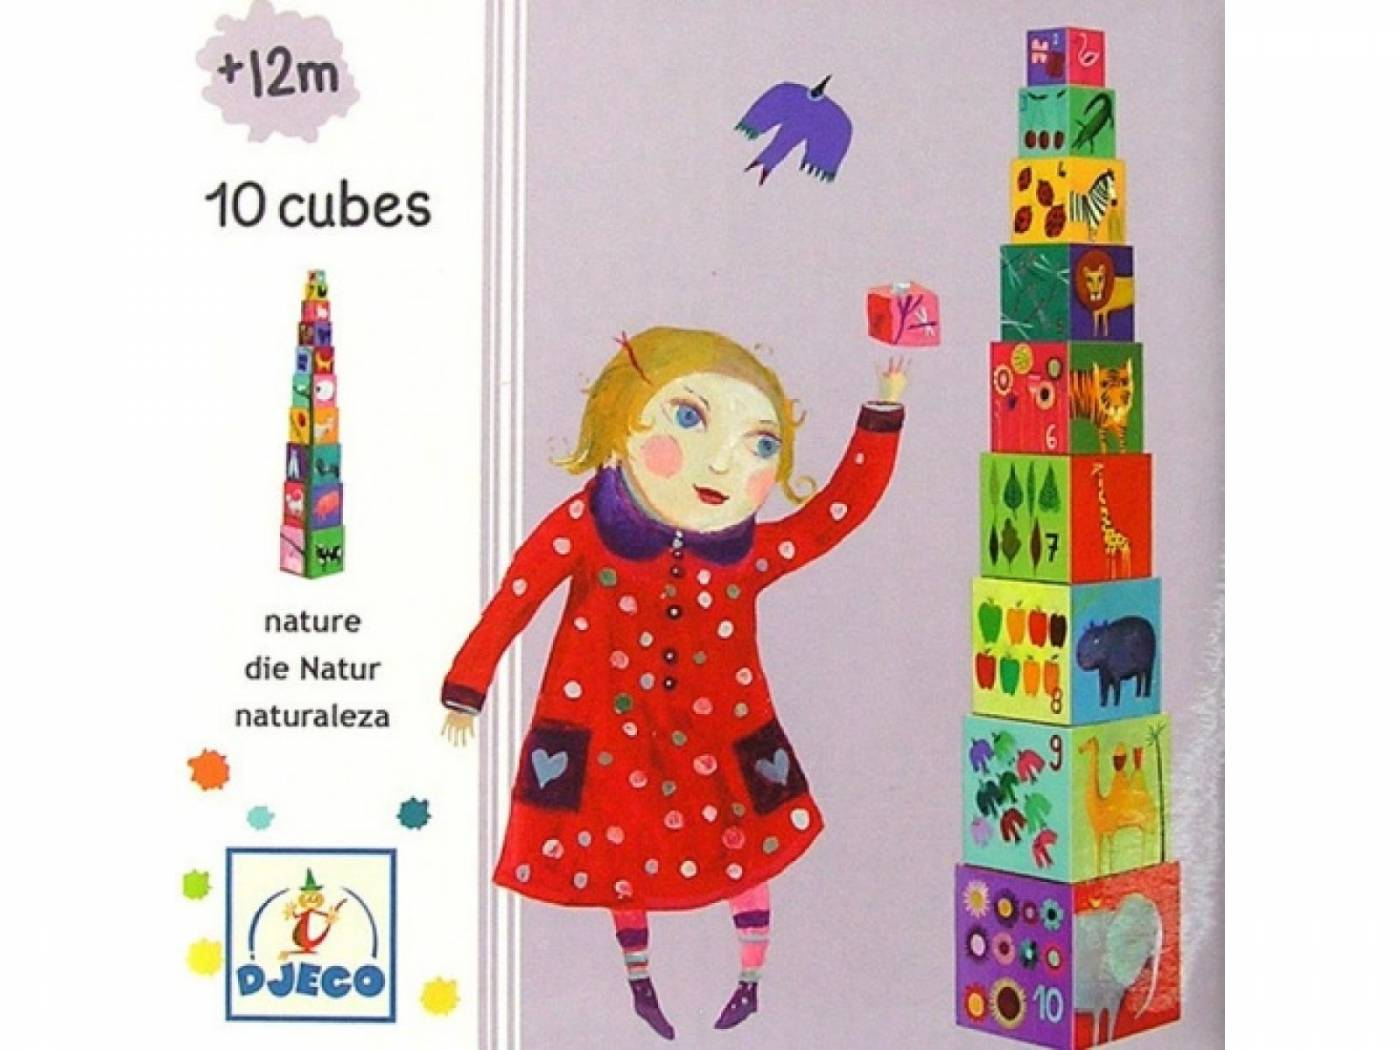 Cubos para empilhar Natureza - Djeco